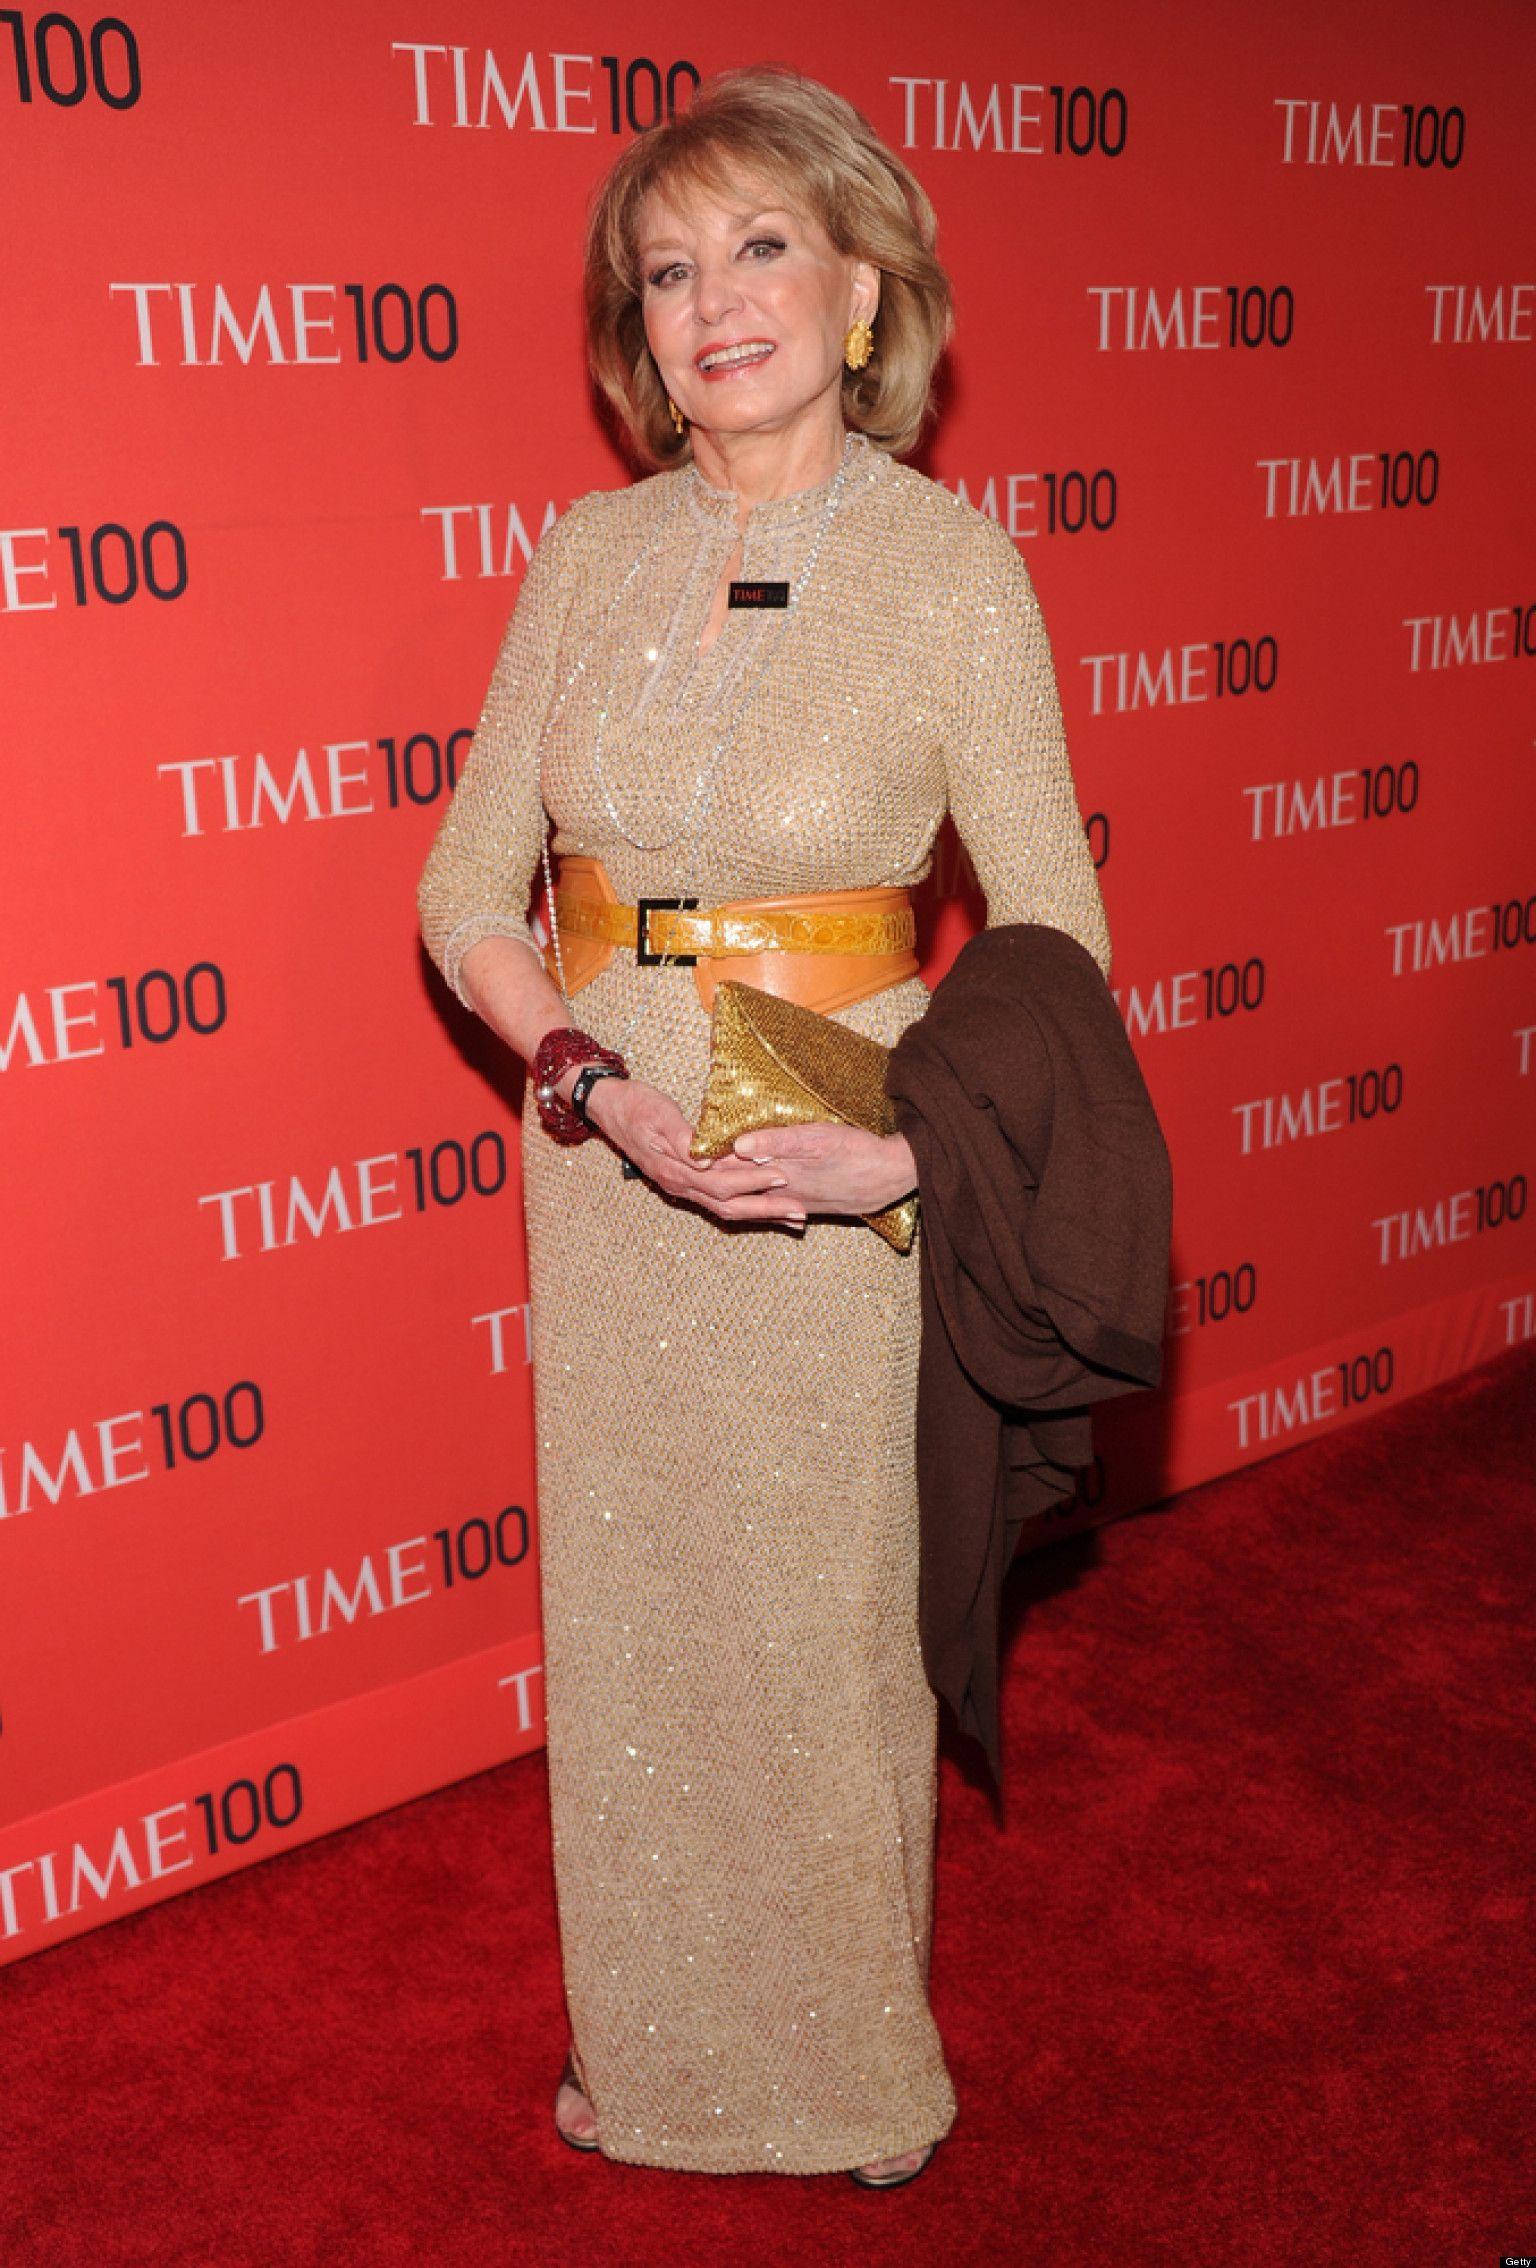 Barbara Walters handler